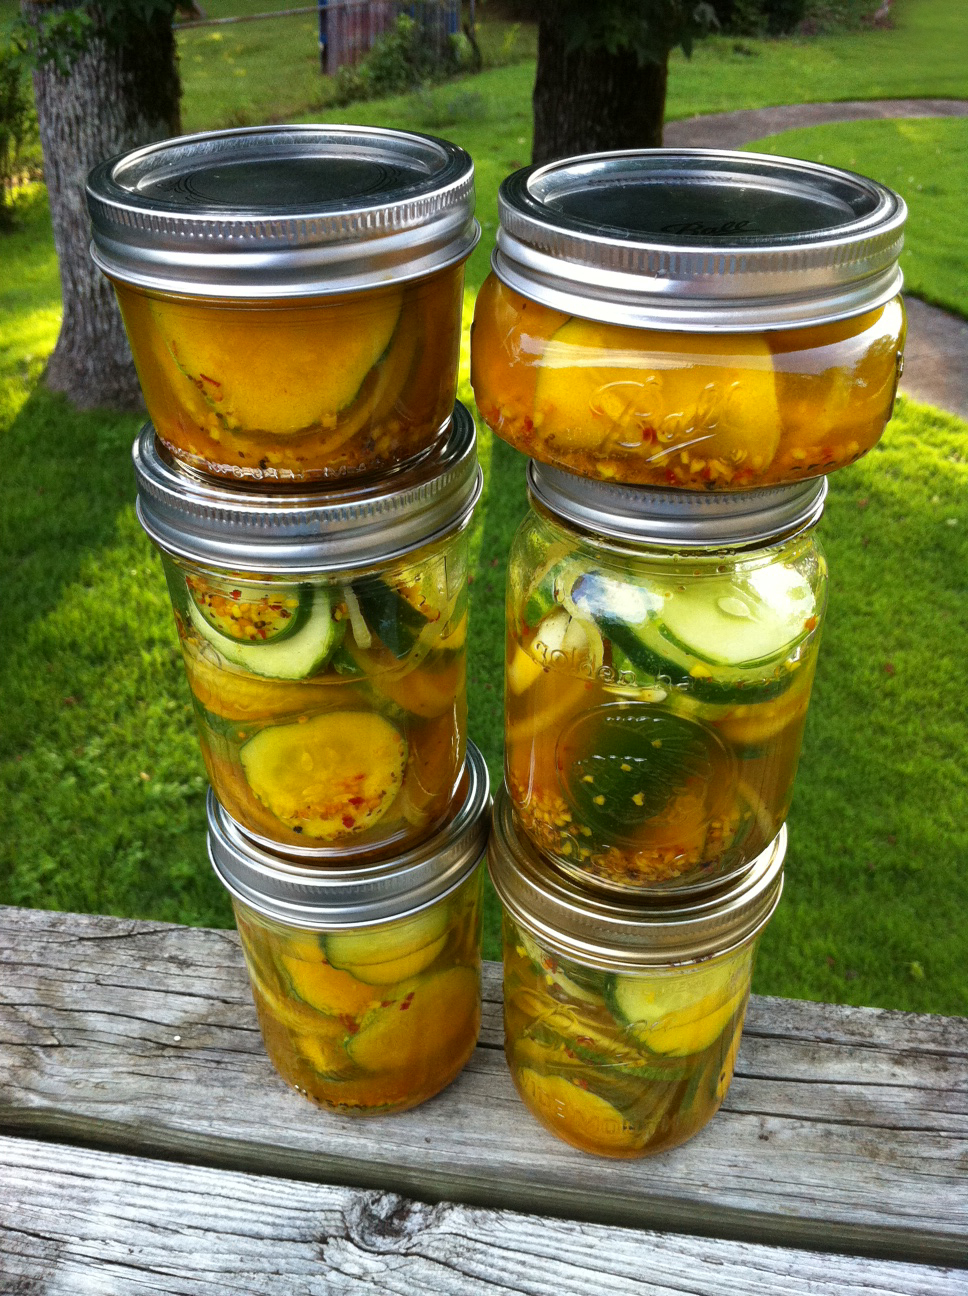 pickle-jars.jpg